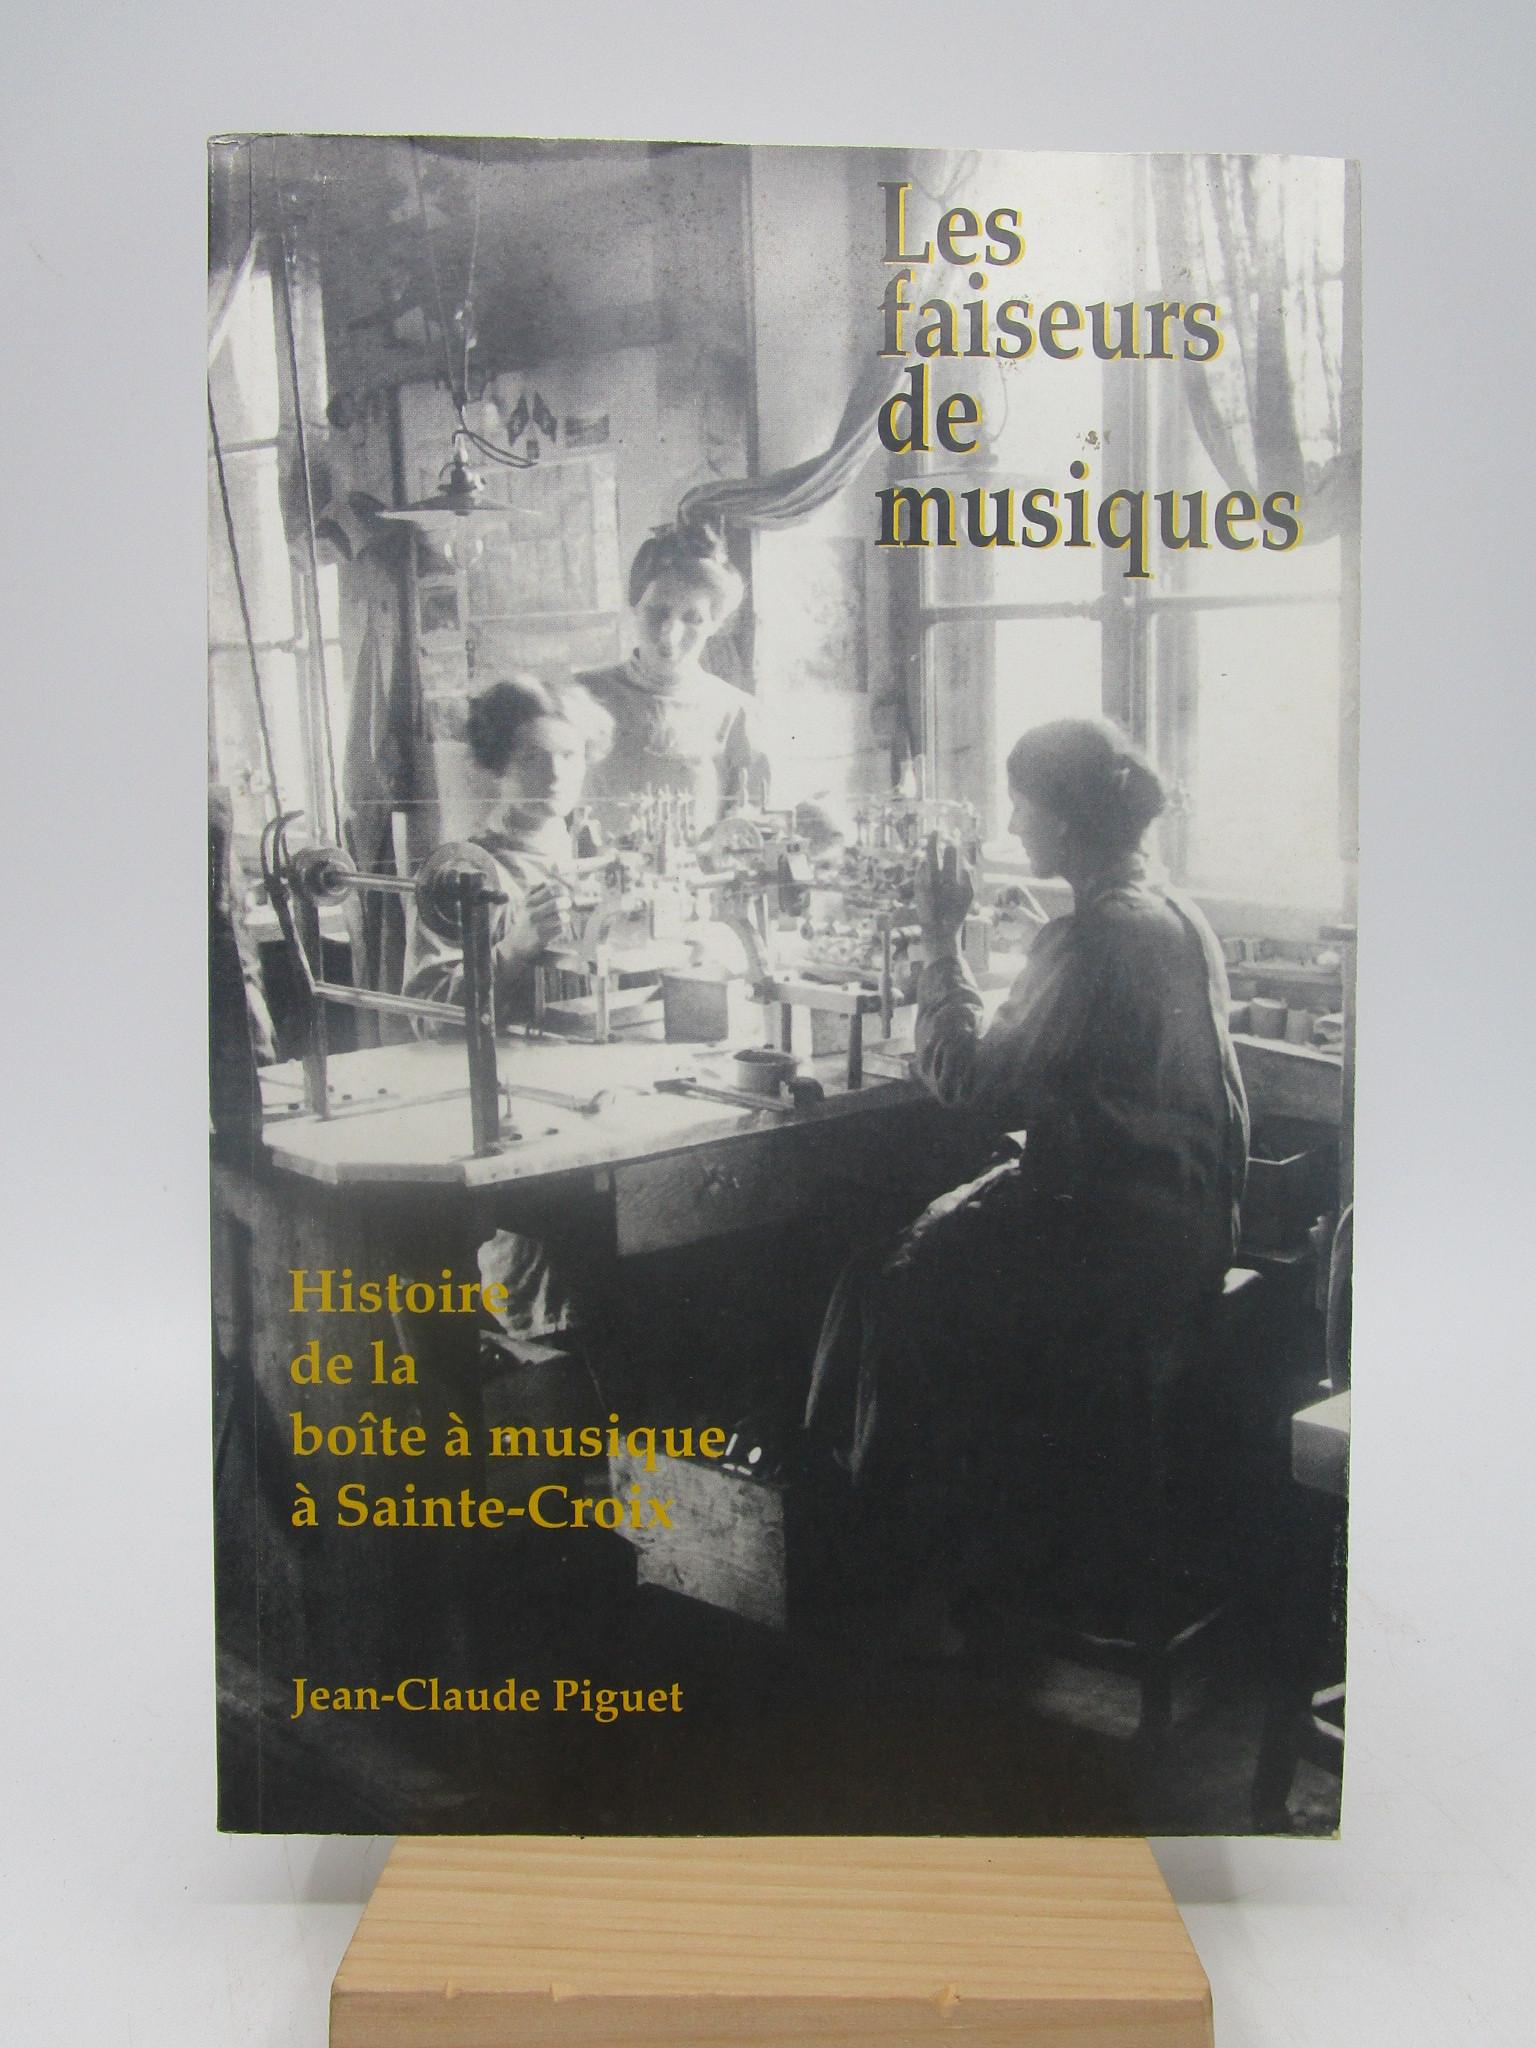 Image for Les faiseurs de musiques: Historie de la boite a musique a Sainte-Croix : les fabricants de musiques (The makers of music : History of the box has music in St. Croix music makers)